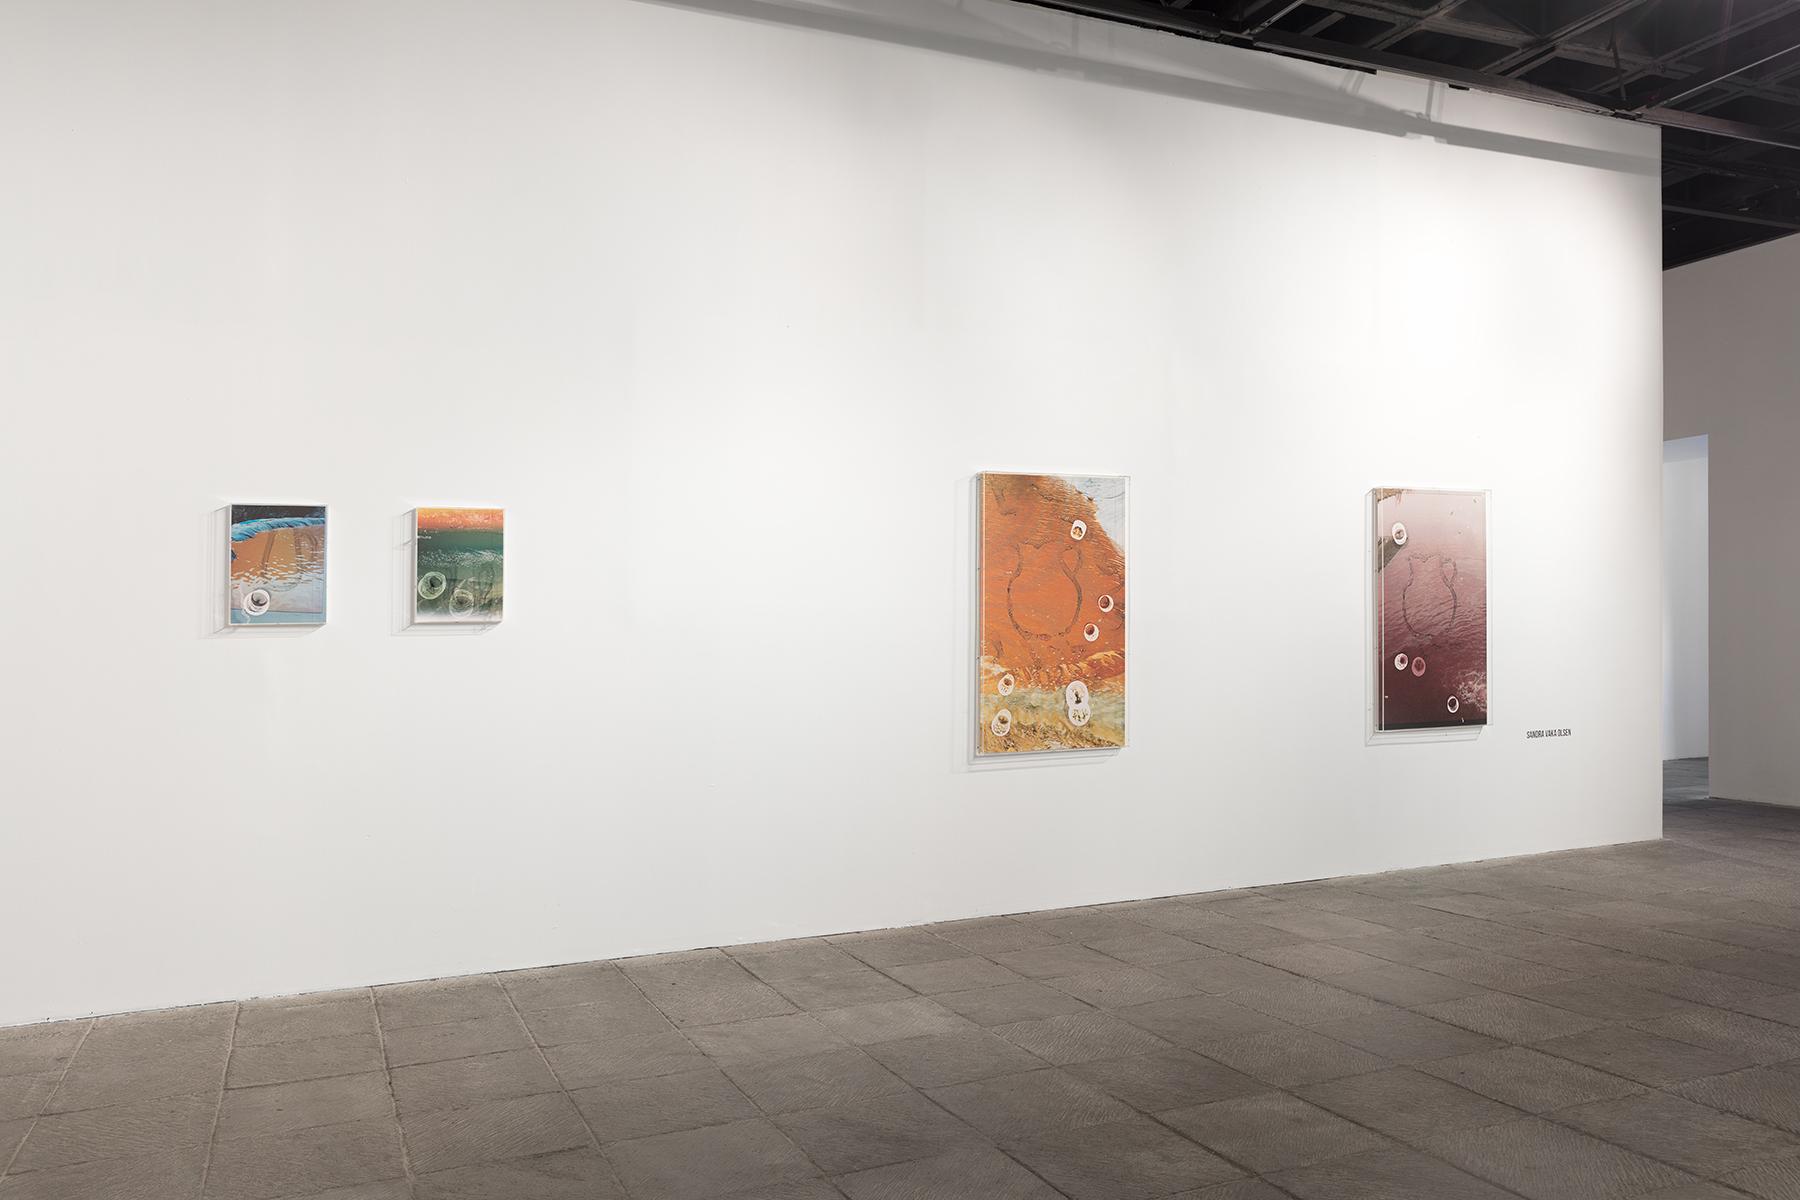 Dislocating Surfaces at Centro Nacional de las Artes CENART, Mexico City.